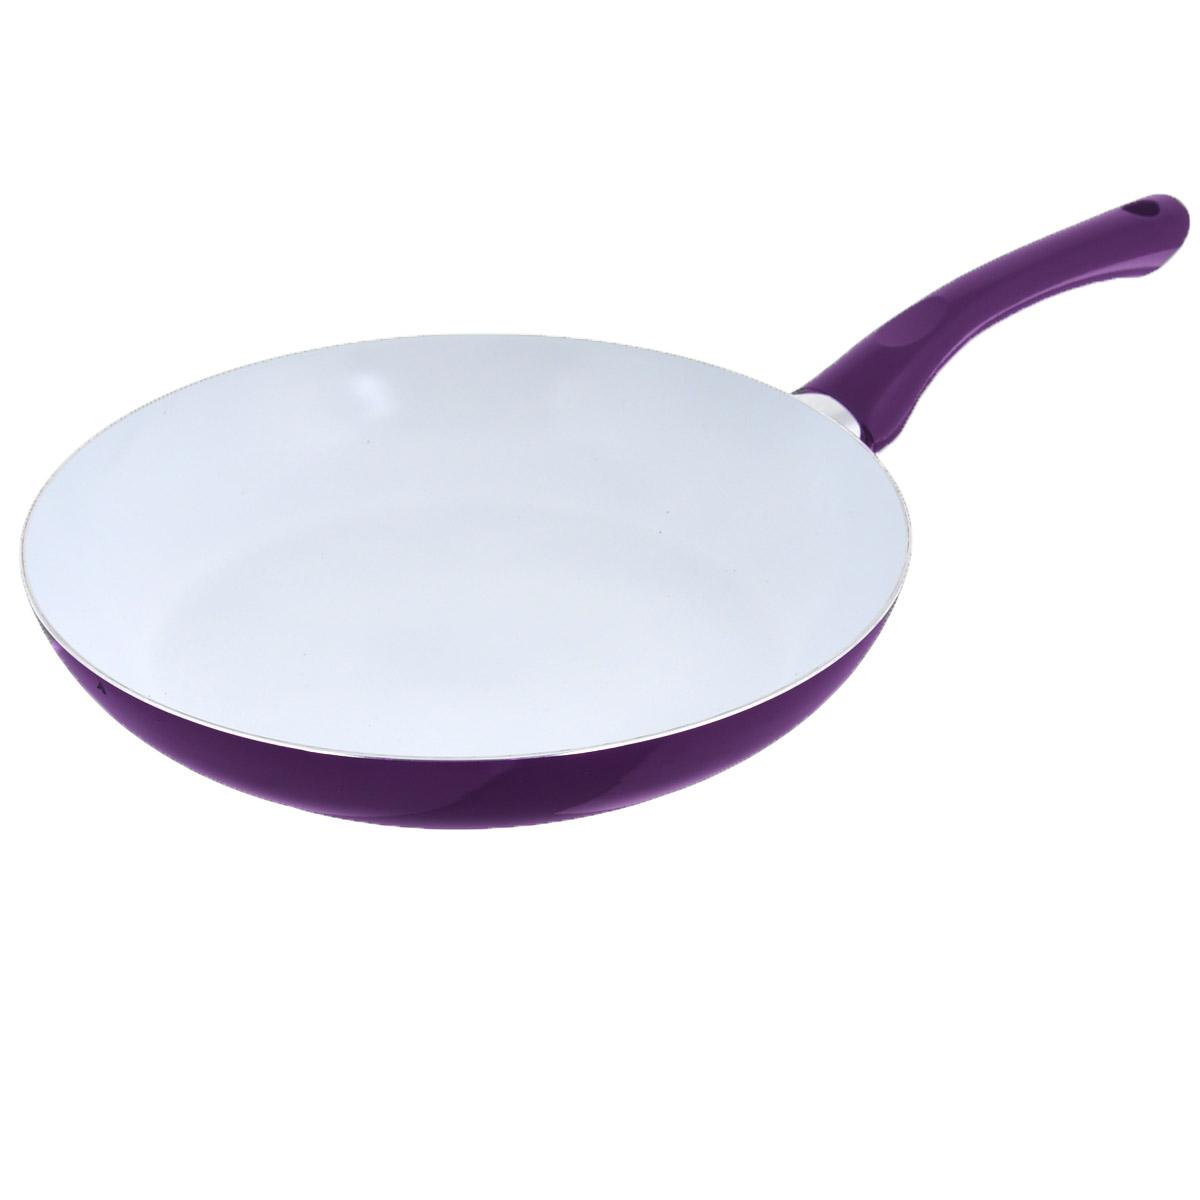 Сковорода Bekker, с керамическим покрытием, цвет: фиолетовый. Диаметр 28 см. BK-3704BK-3704Сковорода Bekker изготовлена из алюминия с внутренним керамическим покрытием. Благодаря этому пища не пригорает и не прилипает к стенкам. Готовить можно с минимальным количеством масла и жиров. Гладкая поверхность обеспечивает легкость ухода за посудой. Внешнее покрытие - цветной жаростойкий лак. Изделие оснащено удобной бакелитовой ручкой, которая не нагревается в процессе готовки. Сковорода подходит для использования на всех типах кухонных плит, кроме индукционных, а также ее можно мыть в посудомоечной машине. Высота стенки: 5 см. Толщина стенки: 2,5 мм. Толщина дна: 2,5 мм. Длина ручки: 18 см. Диаметр основания: 20 см.